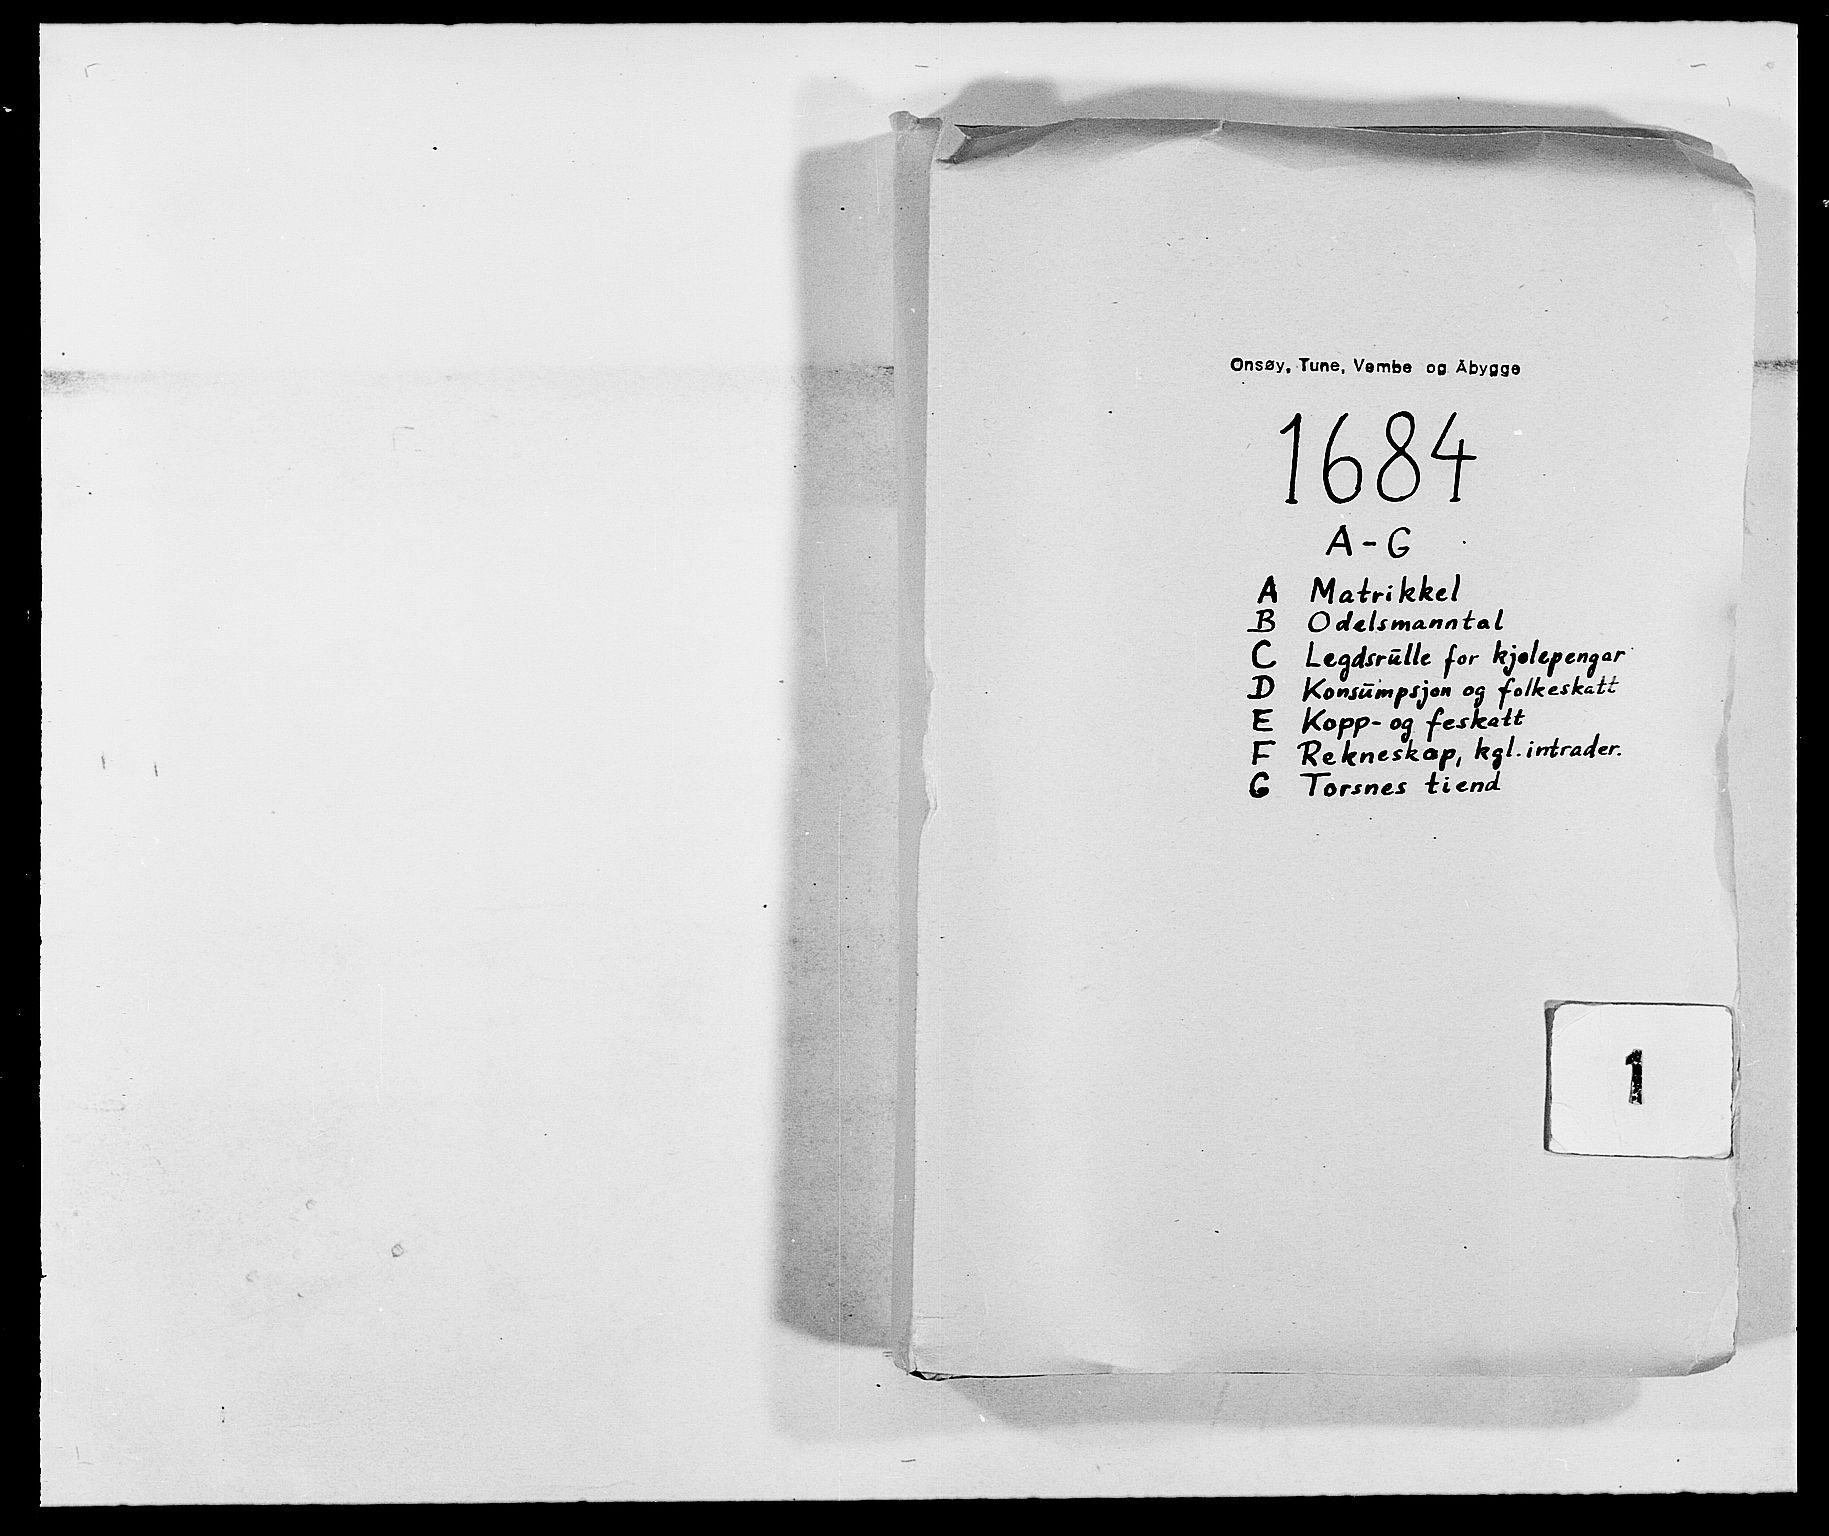 RA, Rentekammeret inntil 1814, Reviderte regnskaper, Fogderegnskap, R03/L0115: Fogderegnskap Onsøy, Tune, Veme og Åbygge fogderi, 1684-1689, s. 1